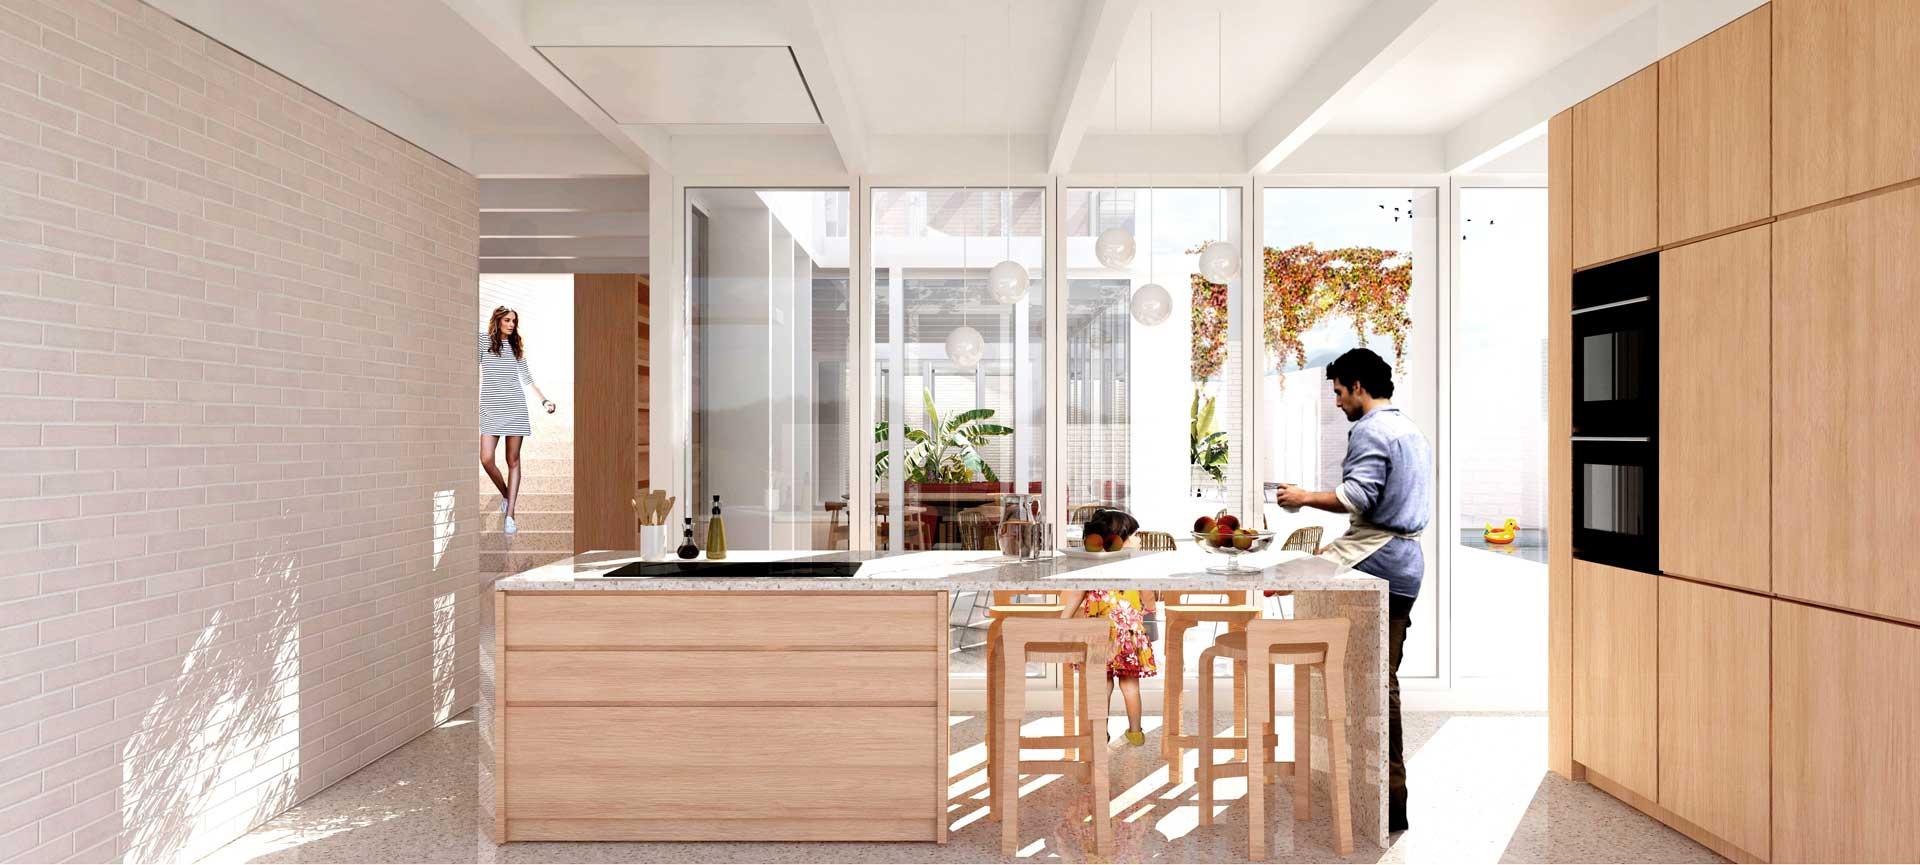 Que-es-una-casa-Cocina